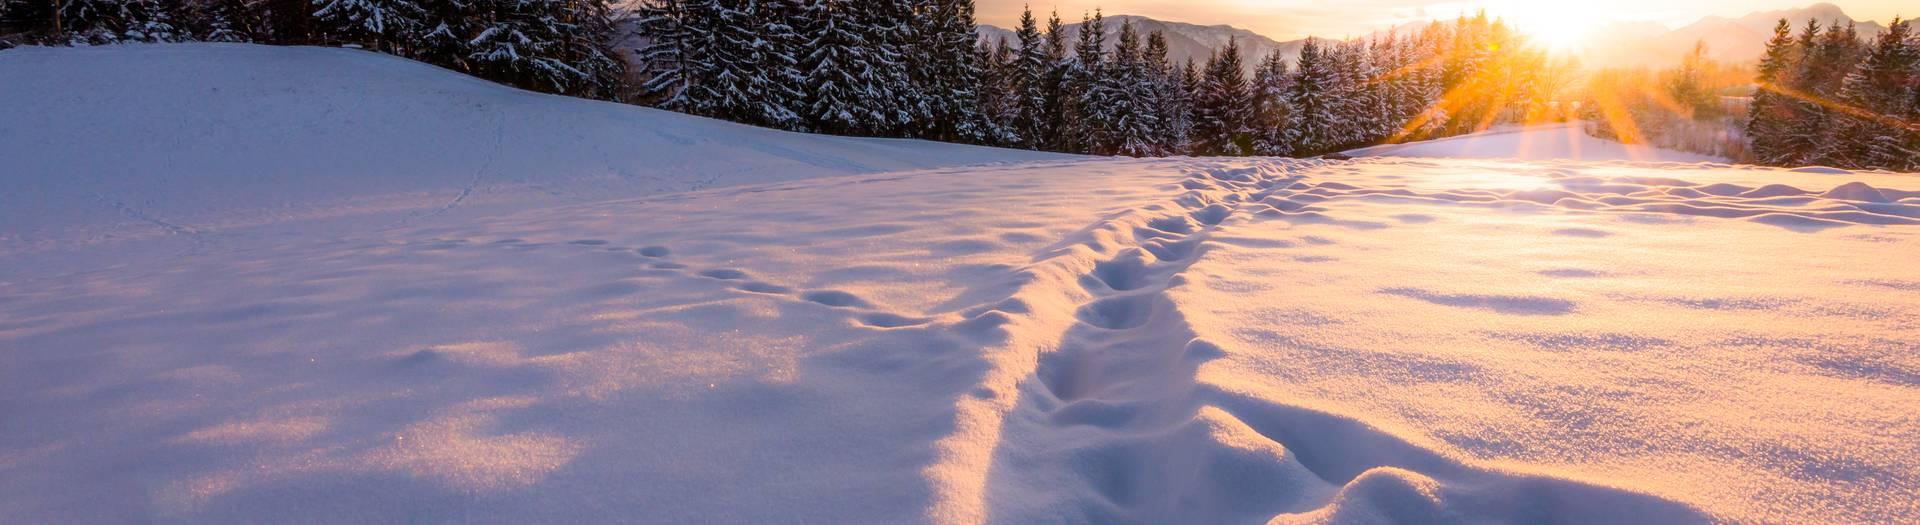 <p>Winterlandschaft bei Sonnenuntergang</p>